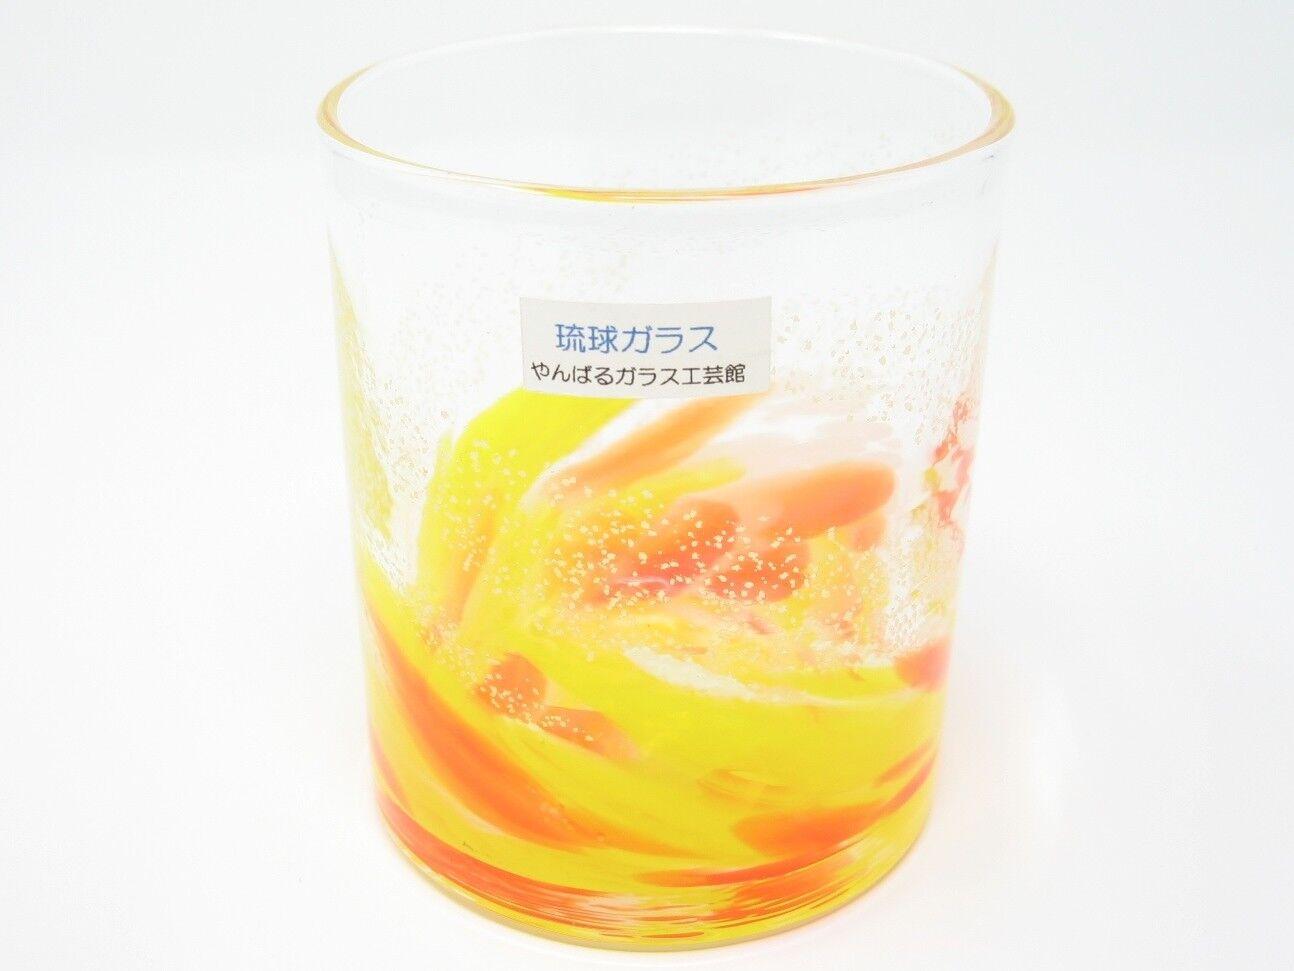 Amarillo Luminoso Ryukyu rocas de vidrio (hecho a mano en Okinawa)